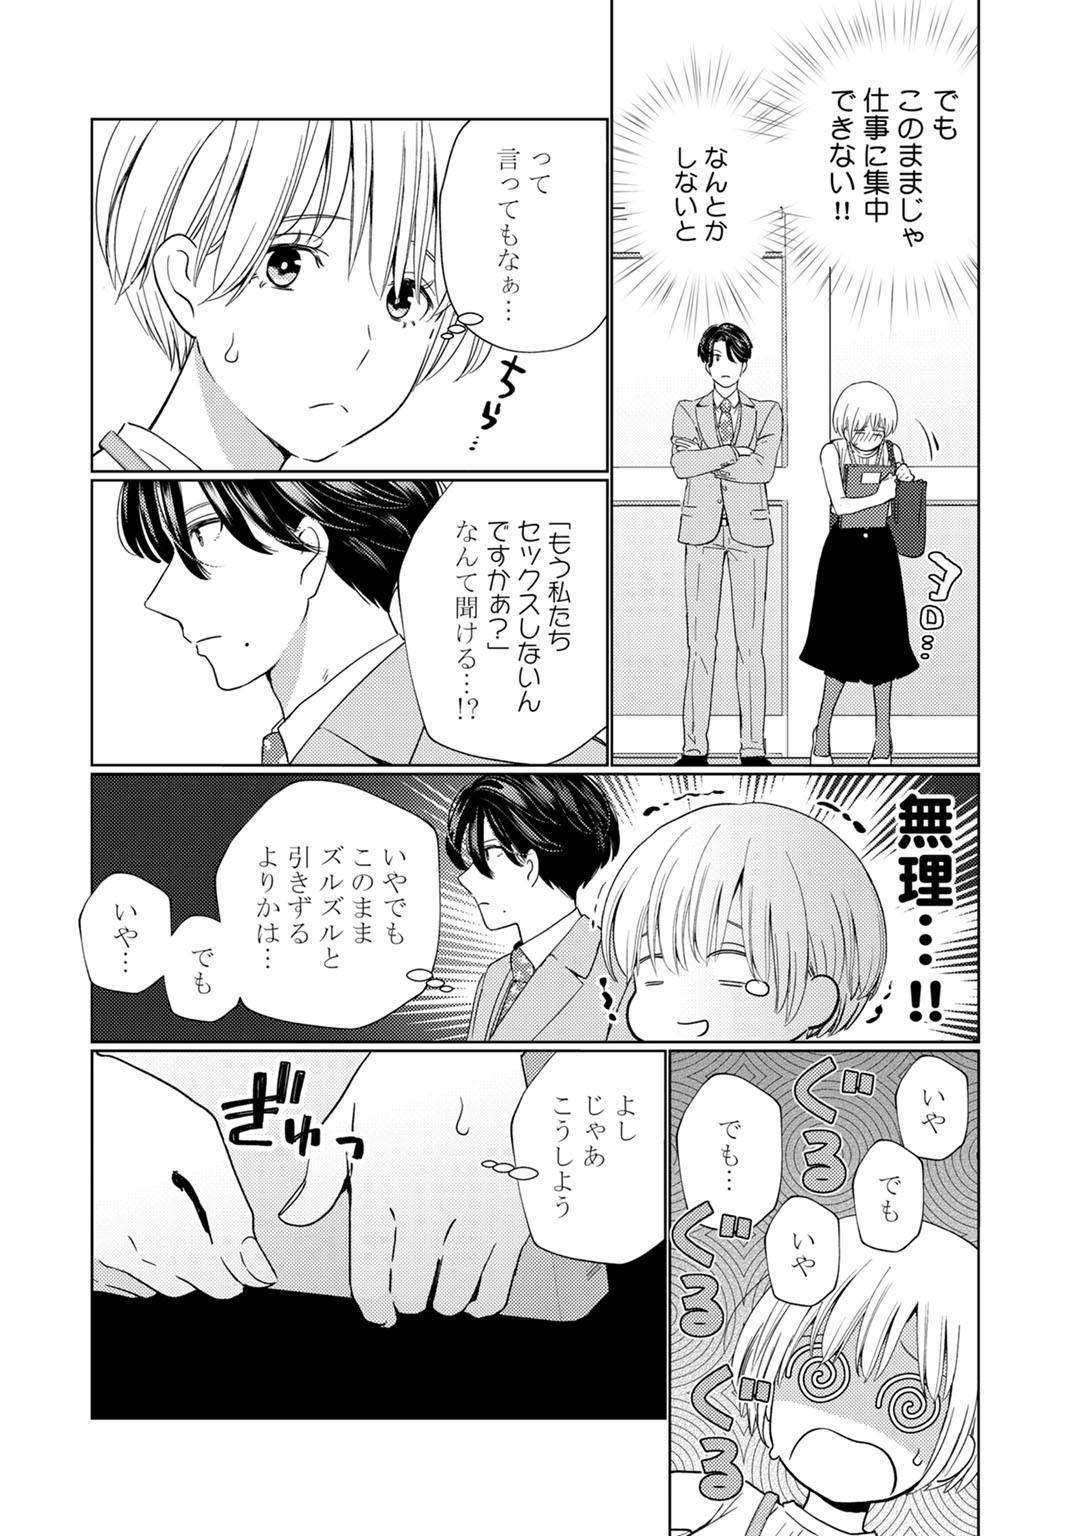 [Okonogi Happa] Kyonyuu-chan to Kyokon Joushi -Kaisha de Musabori Sex- act. 2 11